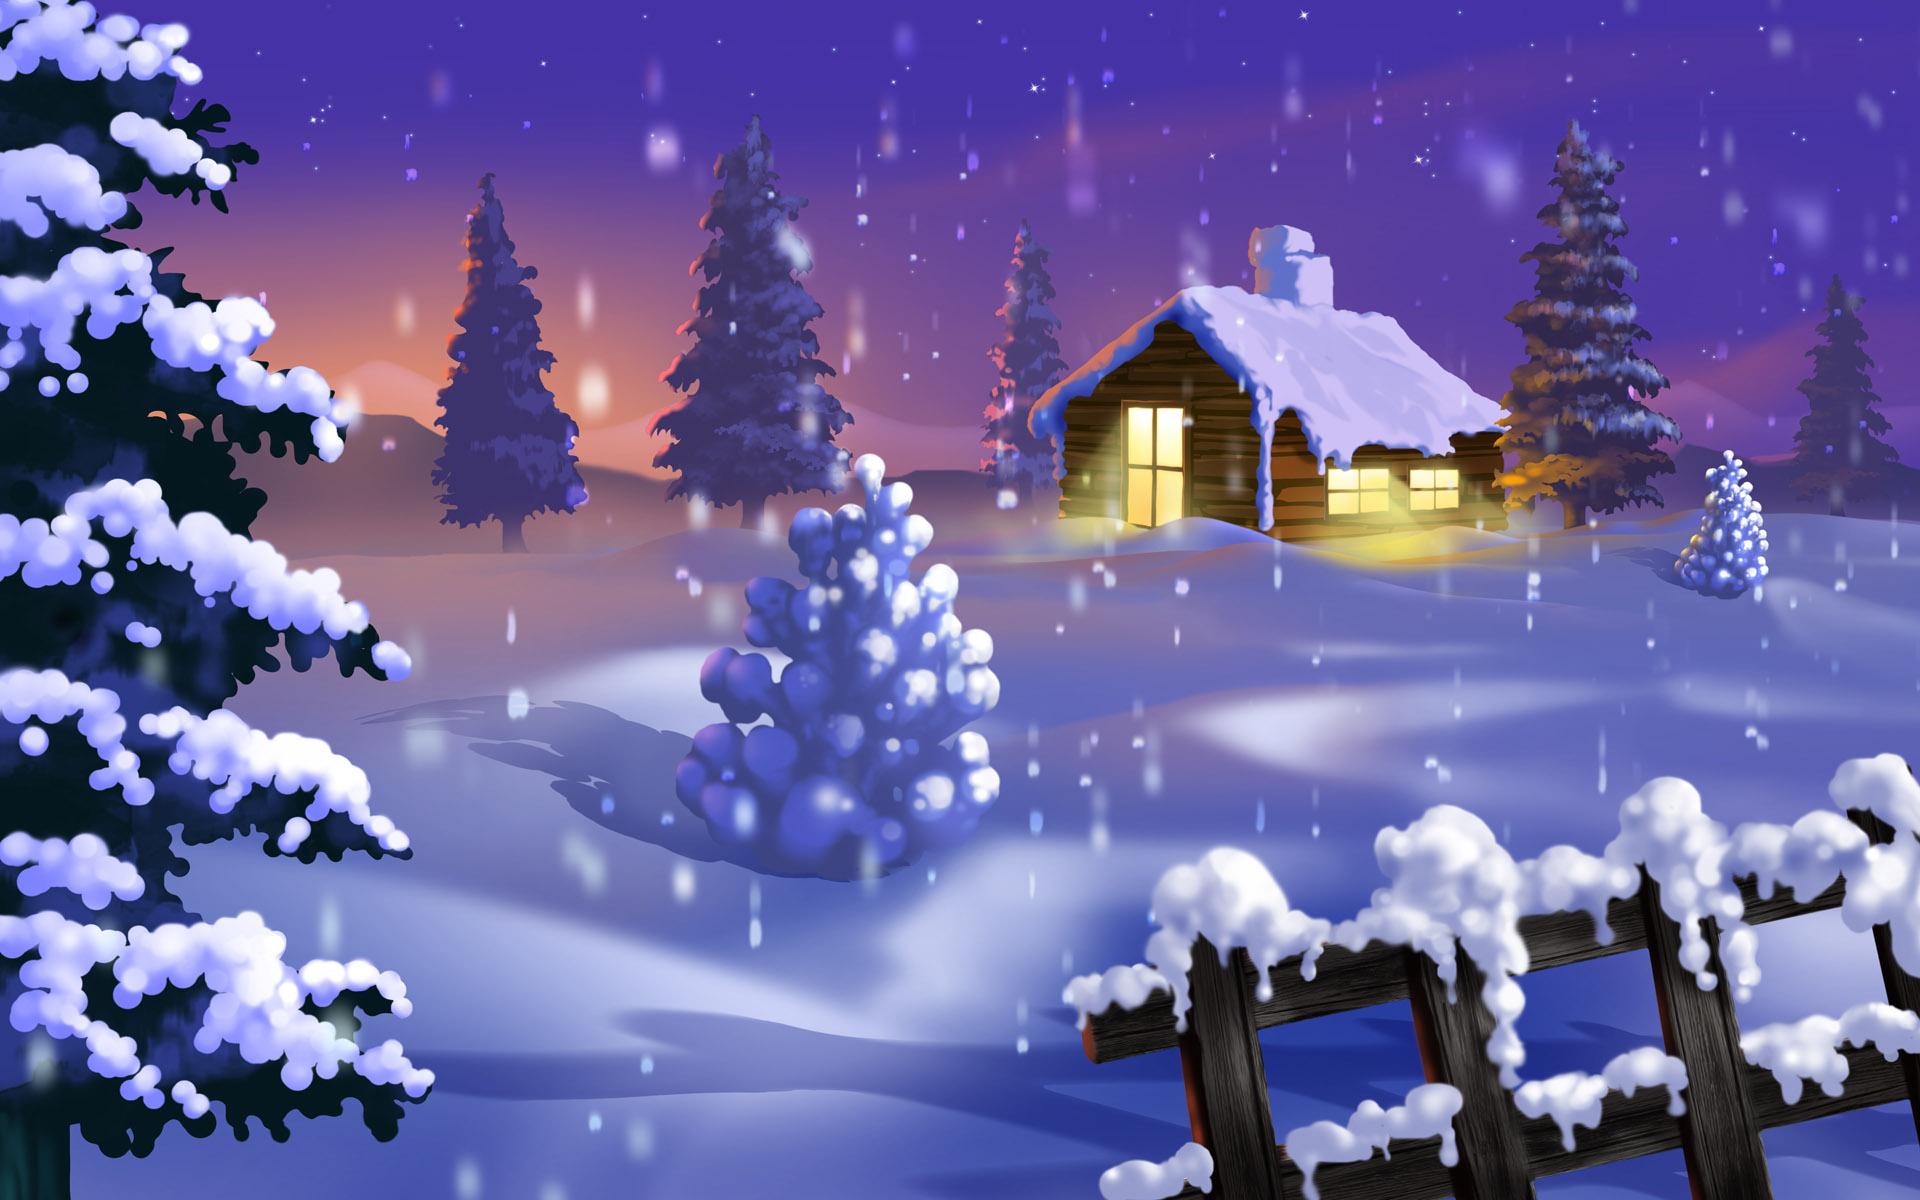 Wallpapers Christmas Winter Wallpapers Download Desktop 1920x1200